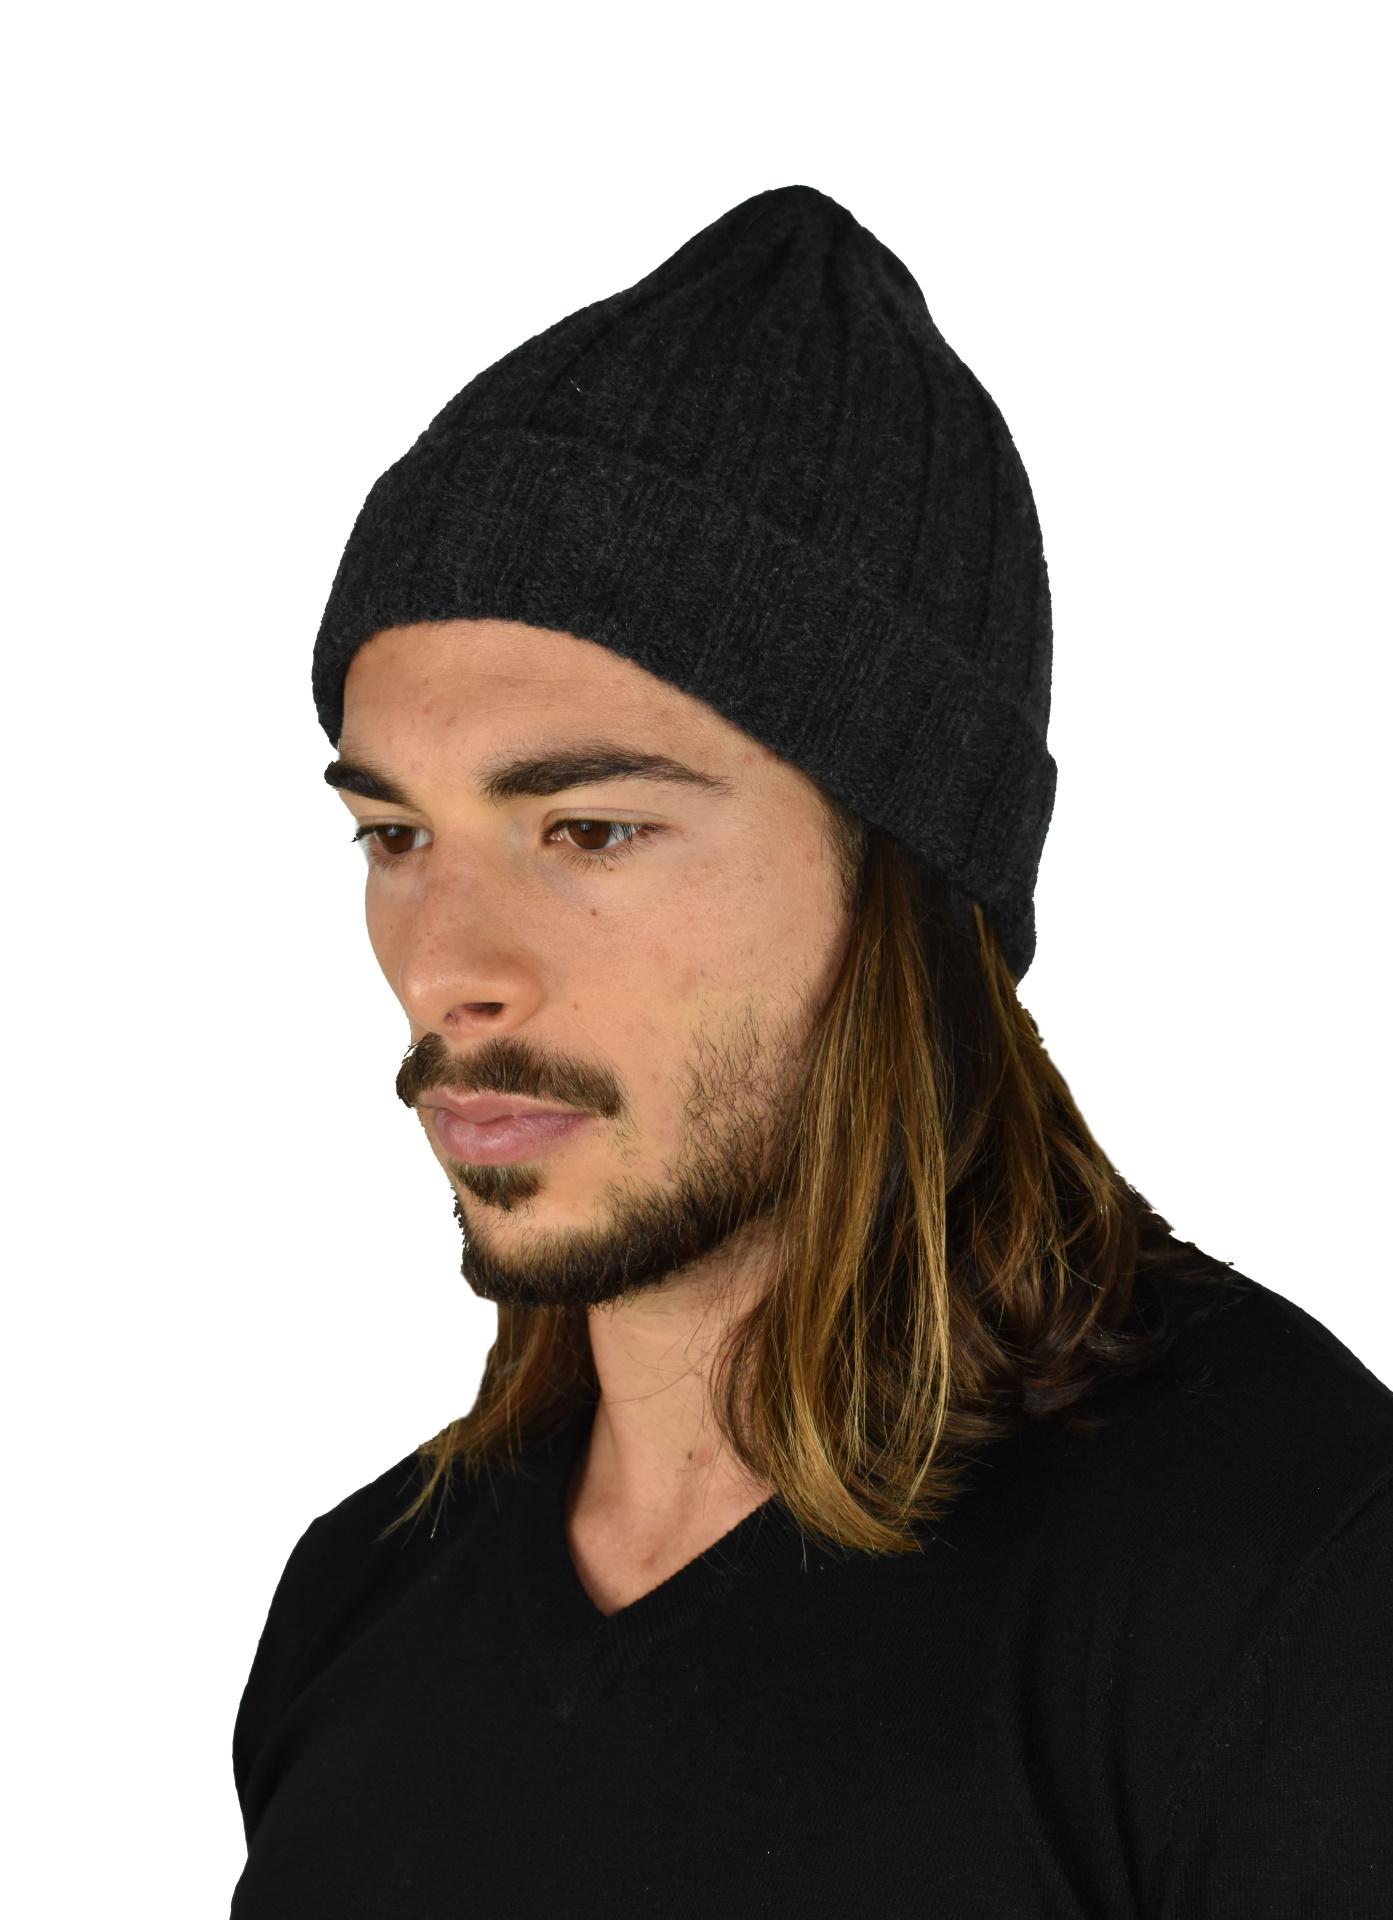 HENRYDARIO GRIGIO CAPPELLINO UOMO 100 PURO CASHMERE 1 1stAmerican cappellino 100% puro cashmere Made in Italy da uomo - caldo berretto invernale a coste larghe